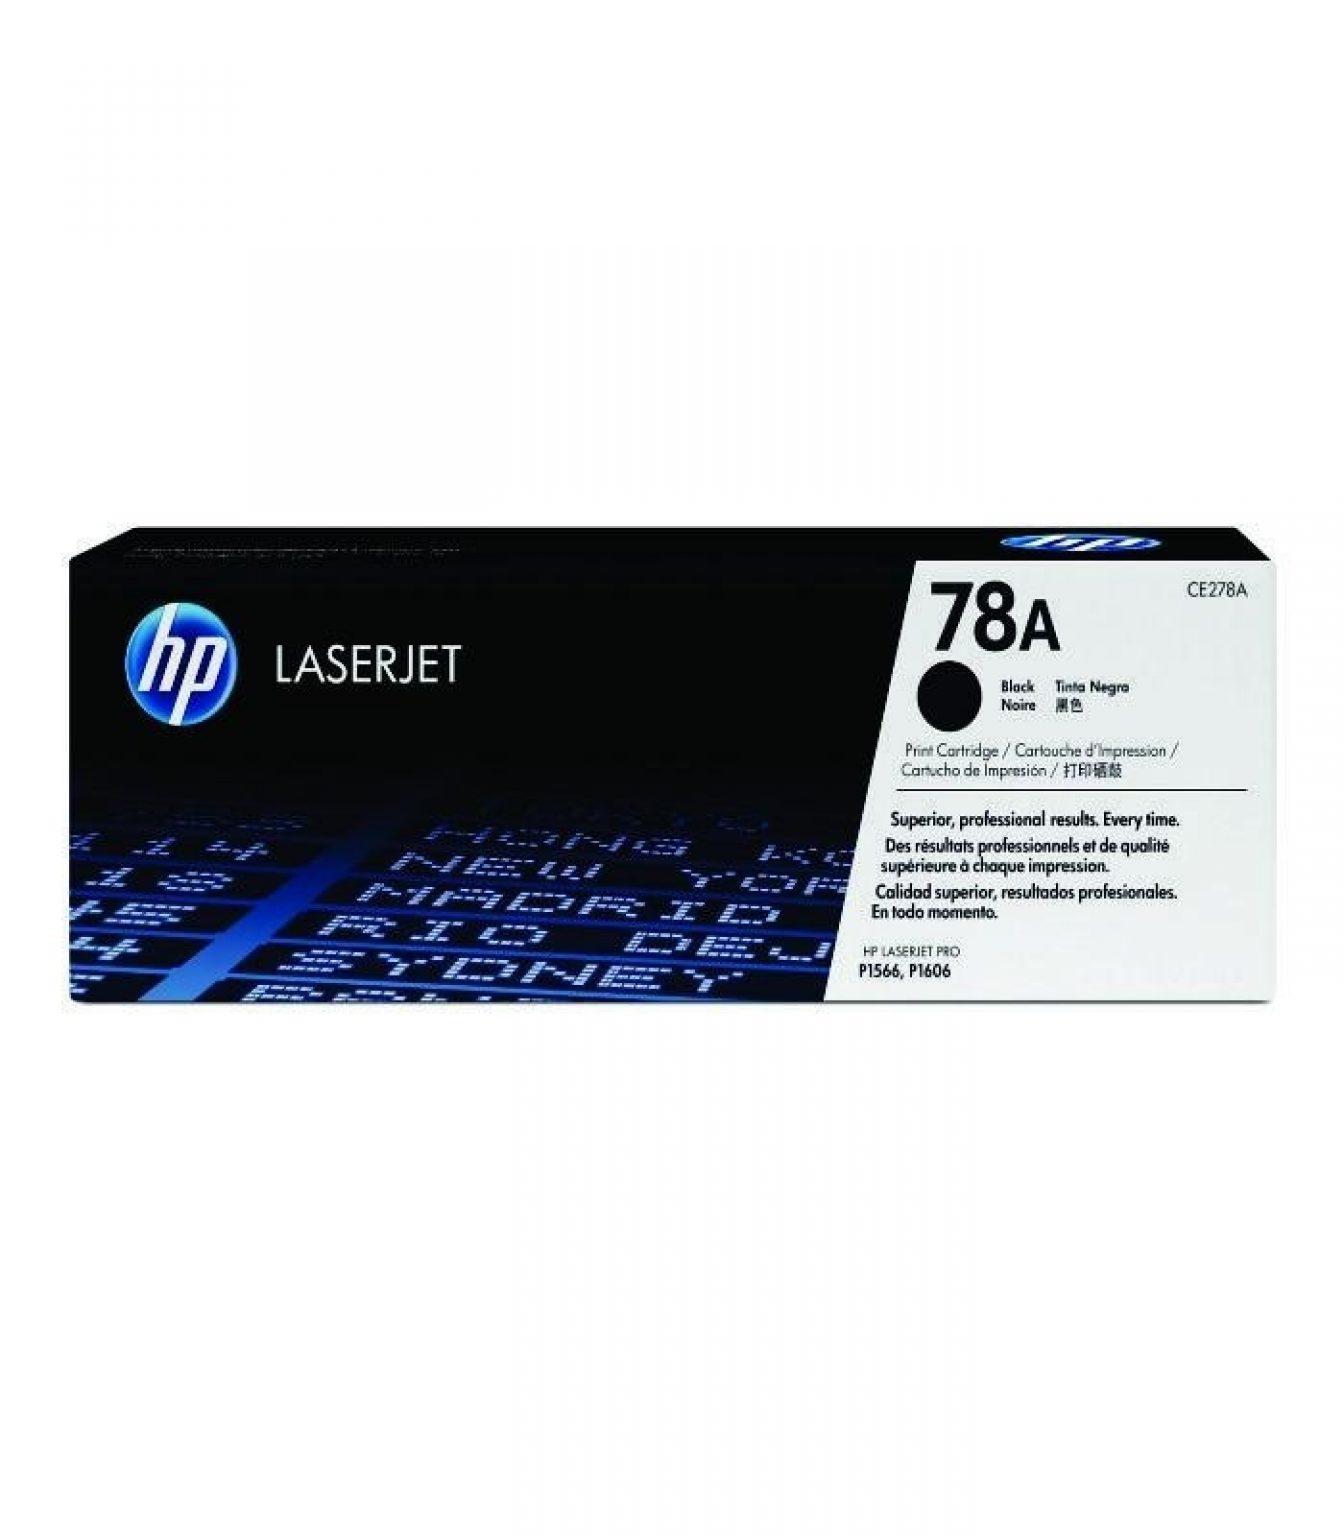 HP - LaserJet P1566/P1606 Black Print Cartridge [CE278A]